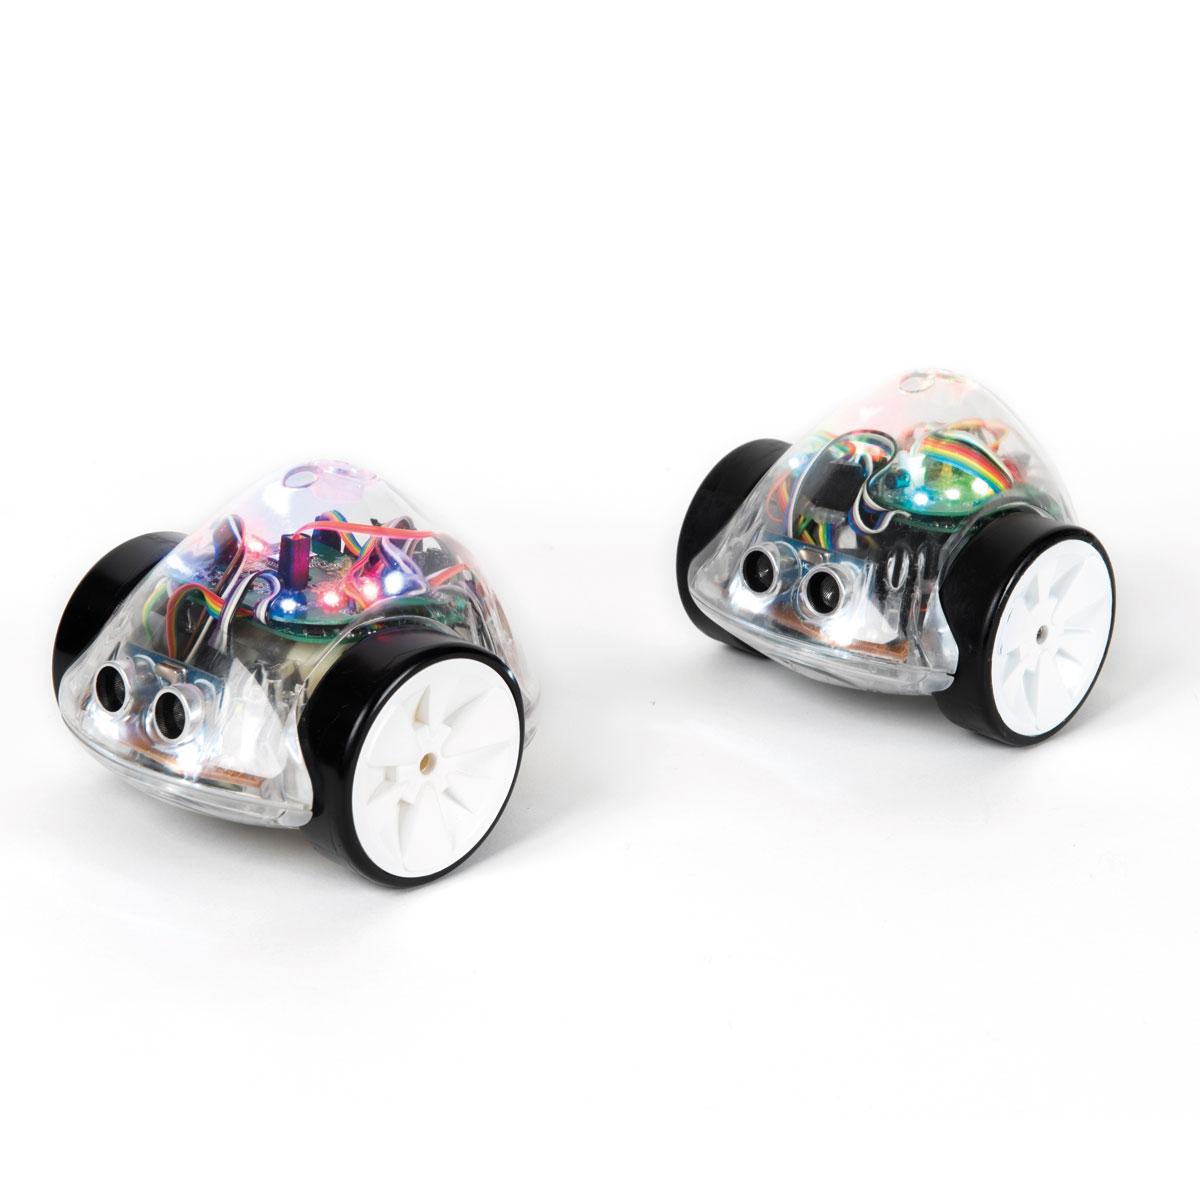 Buy Tts Ino Bot Scratch Programmable Bluetooth Floor Robot